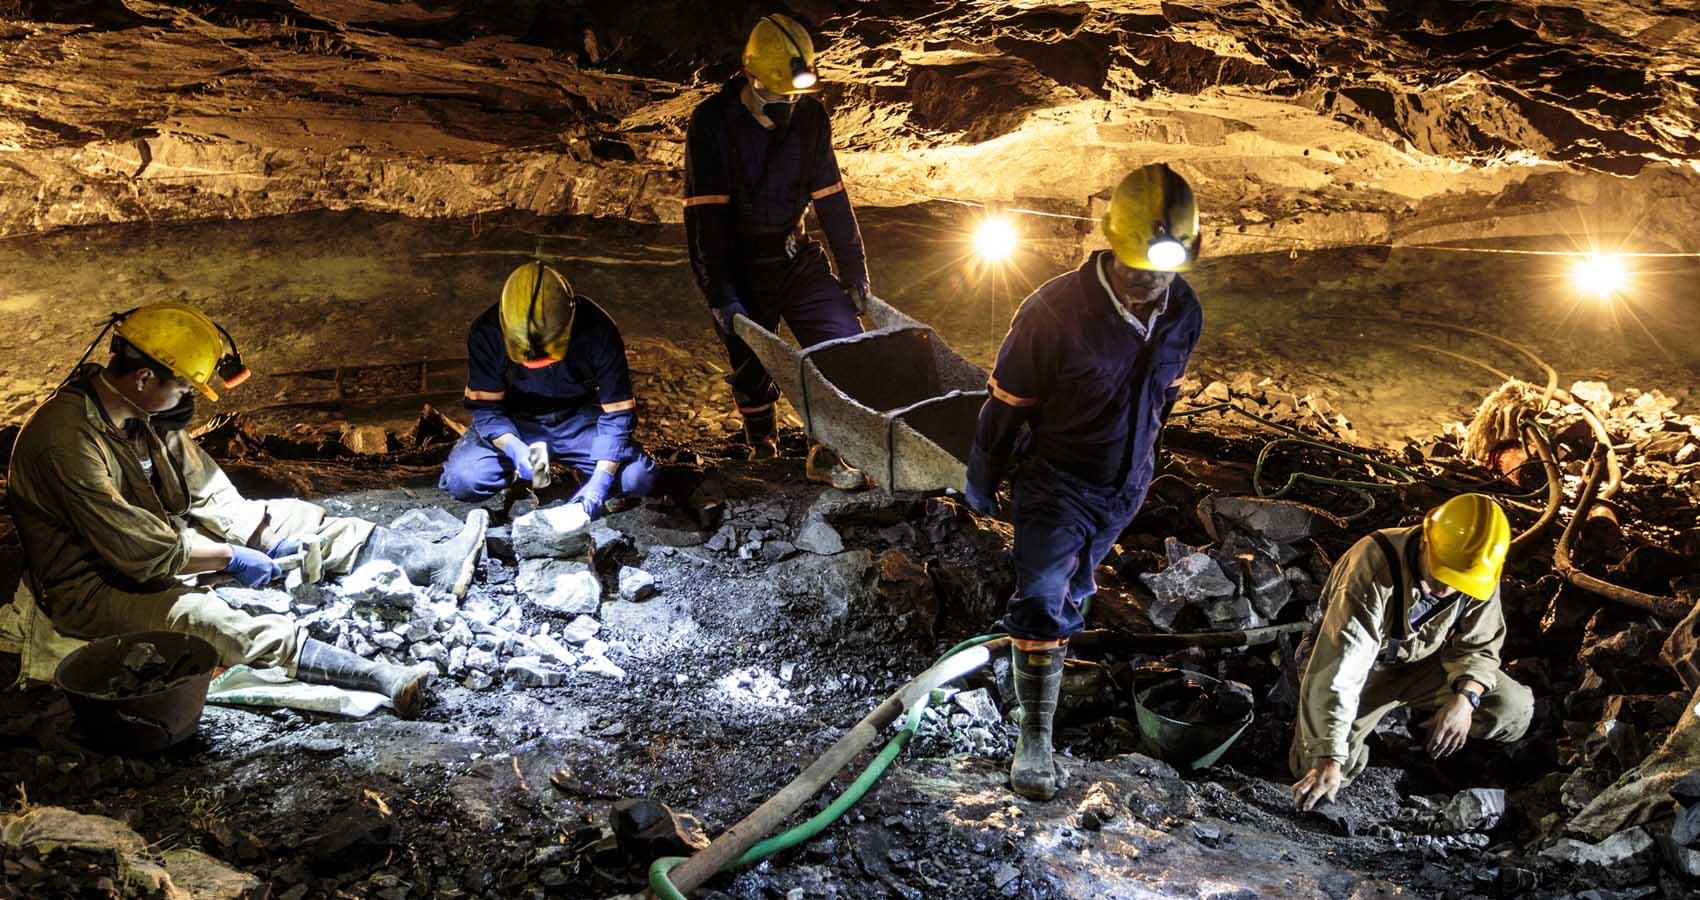 La tremenda desventaja de ser un pequeño minero en Colombia